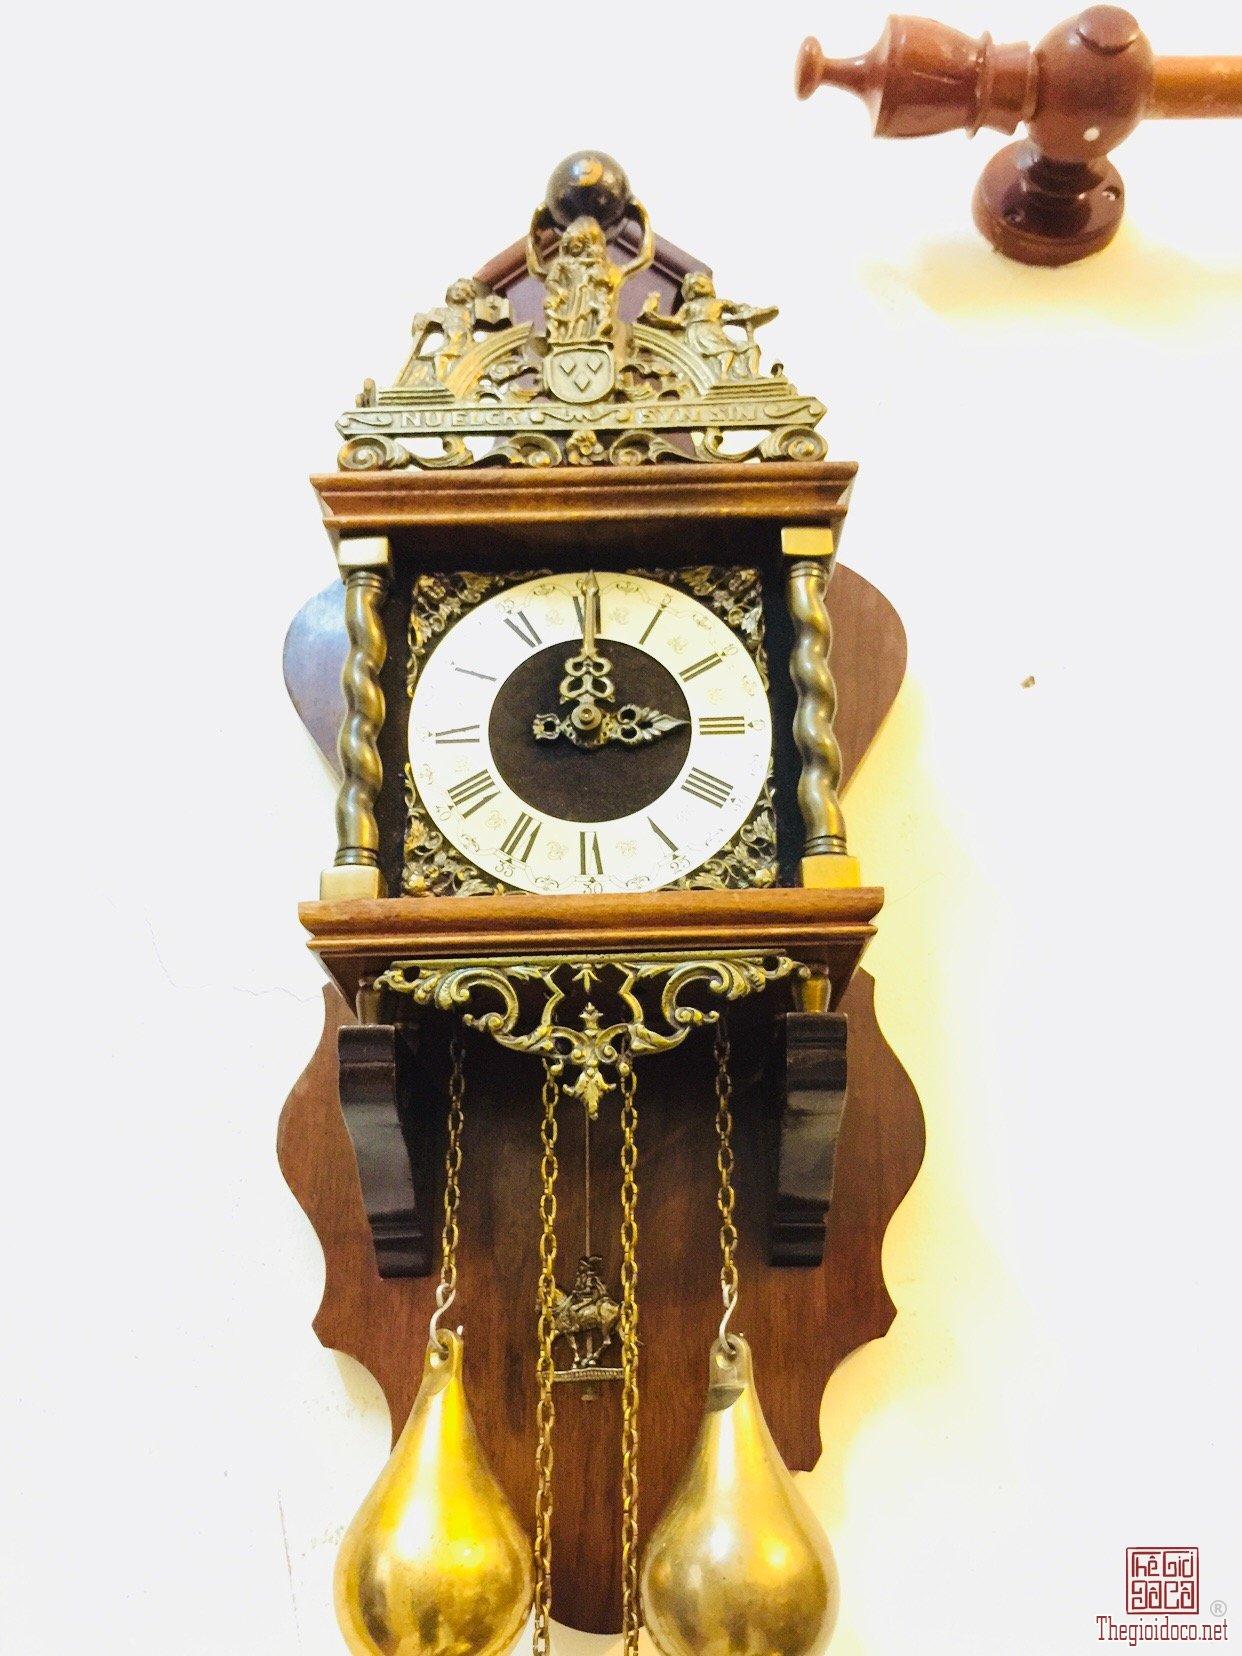 Đồng hồ tạ lê size đại rất đẹp